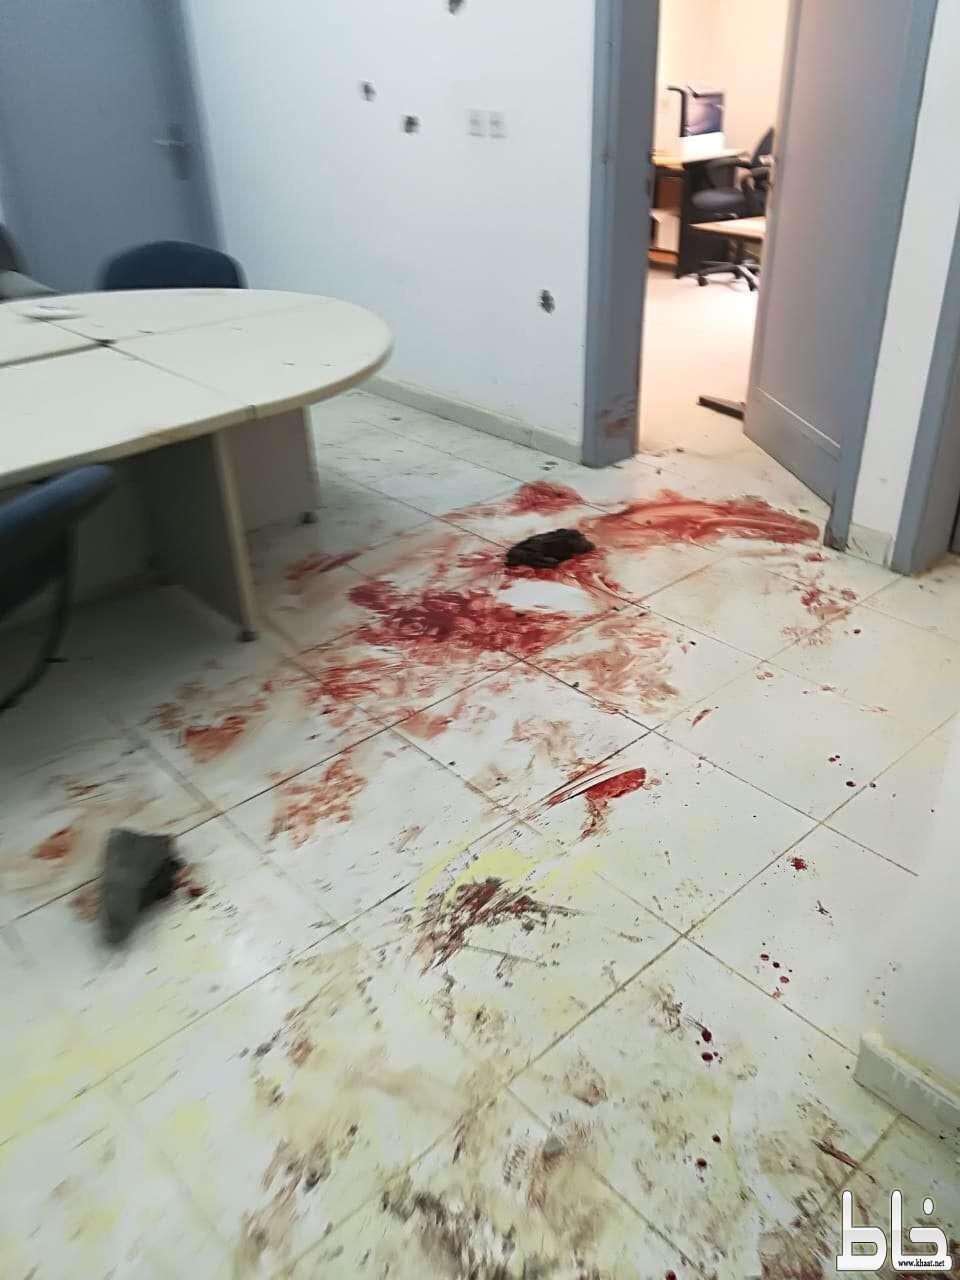 مقتل مدير كهرباء في منطقة جازان على يد مقيم آسيوي